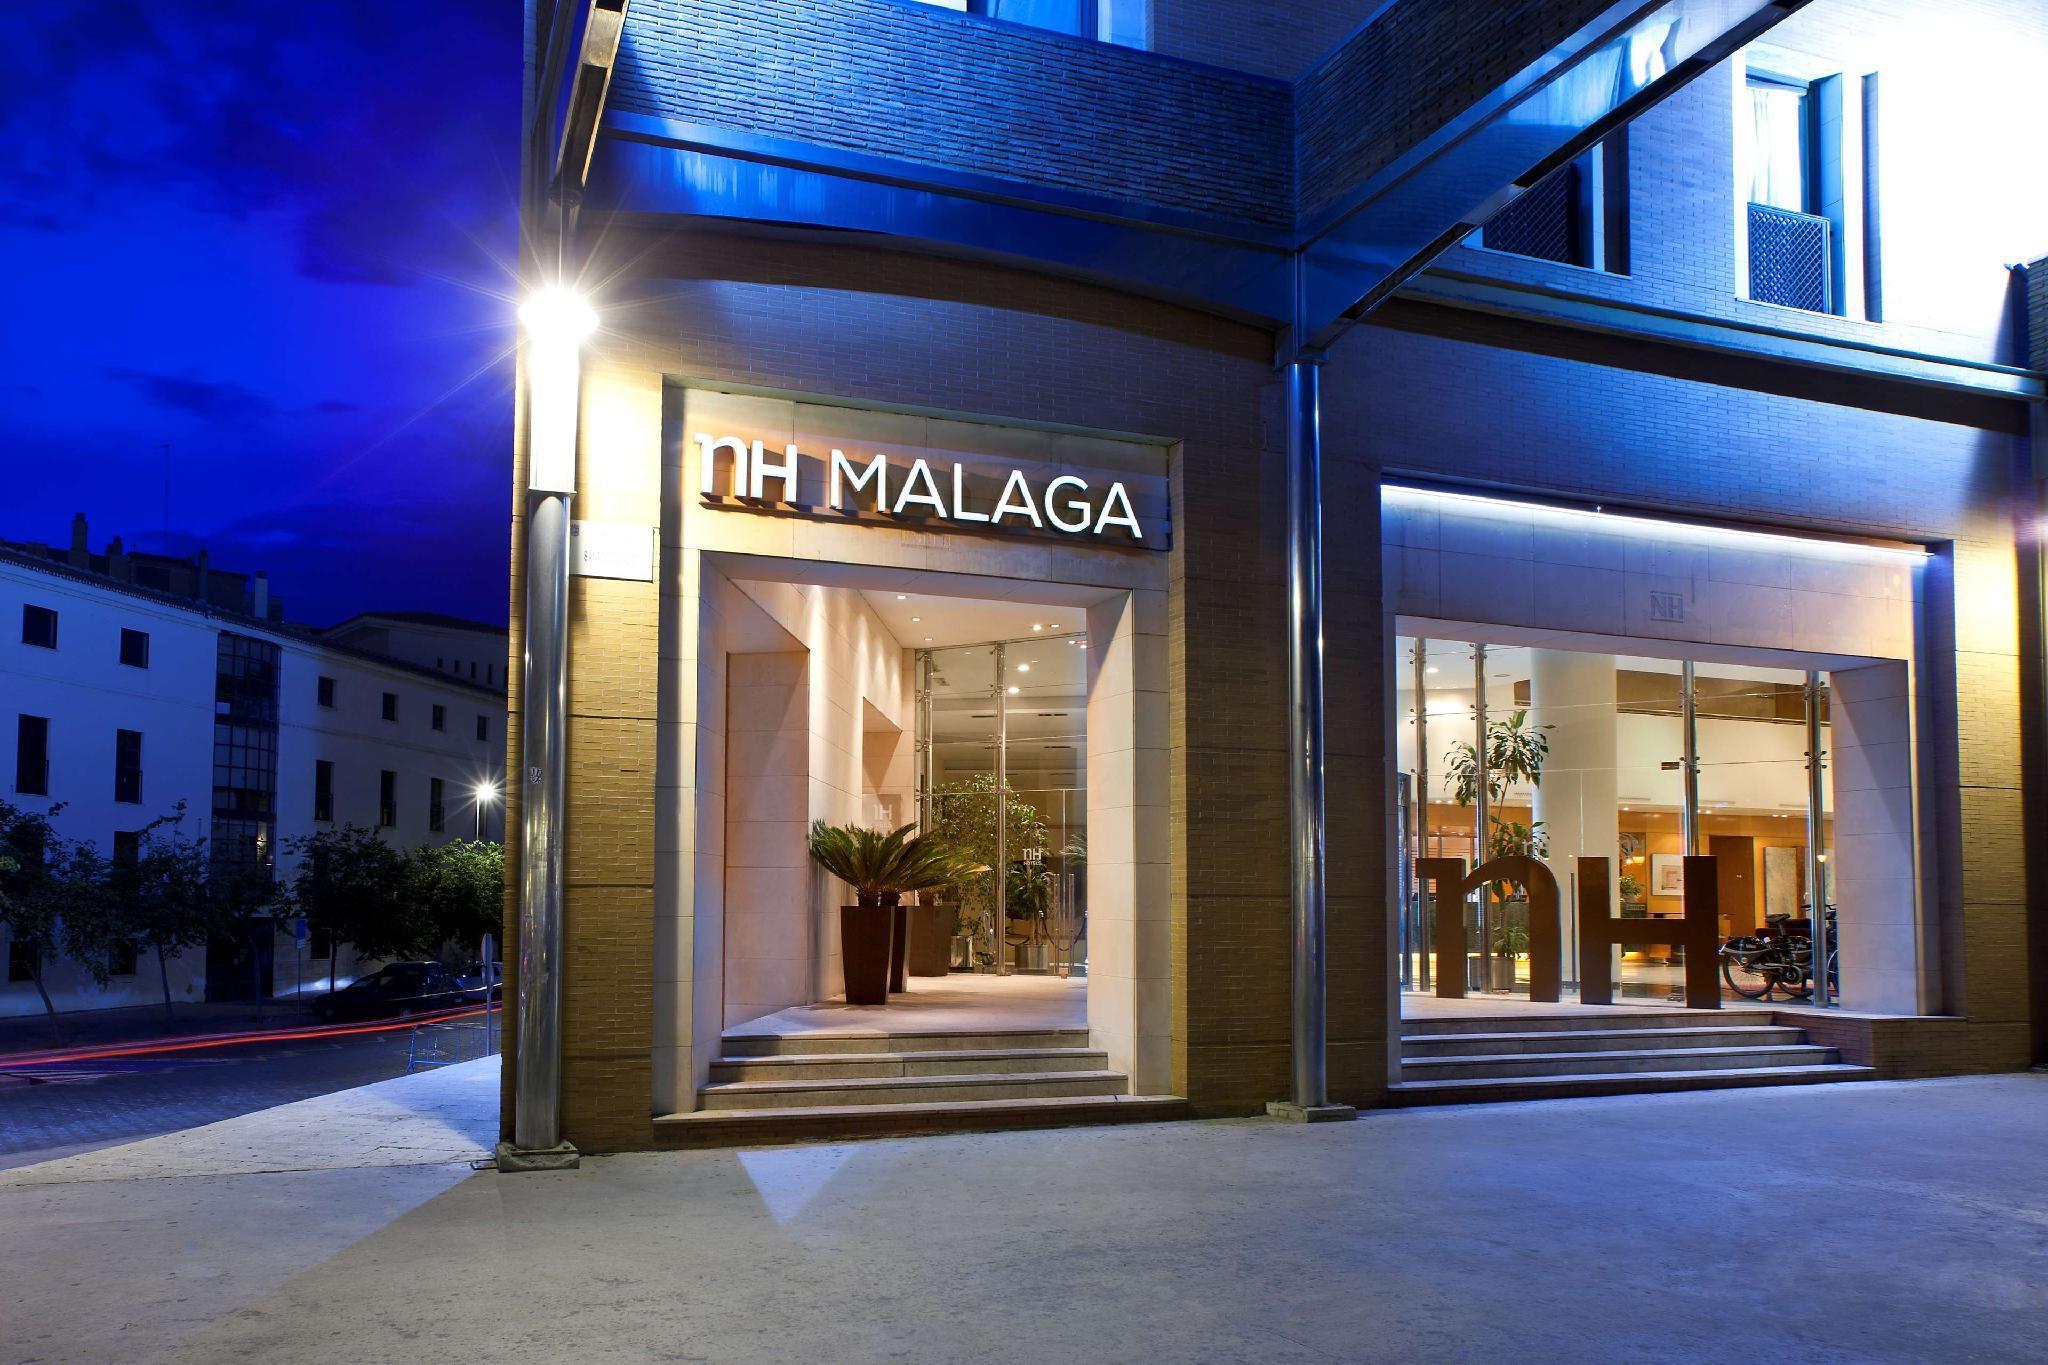 Nh Malaga Hotel